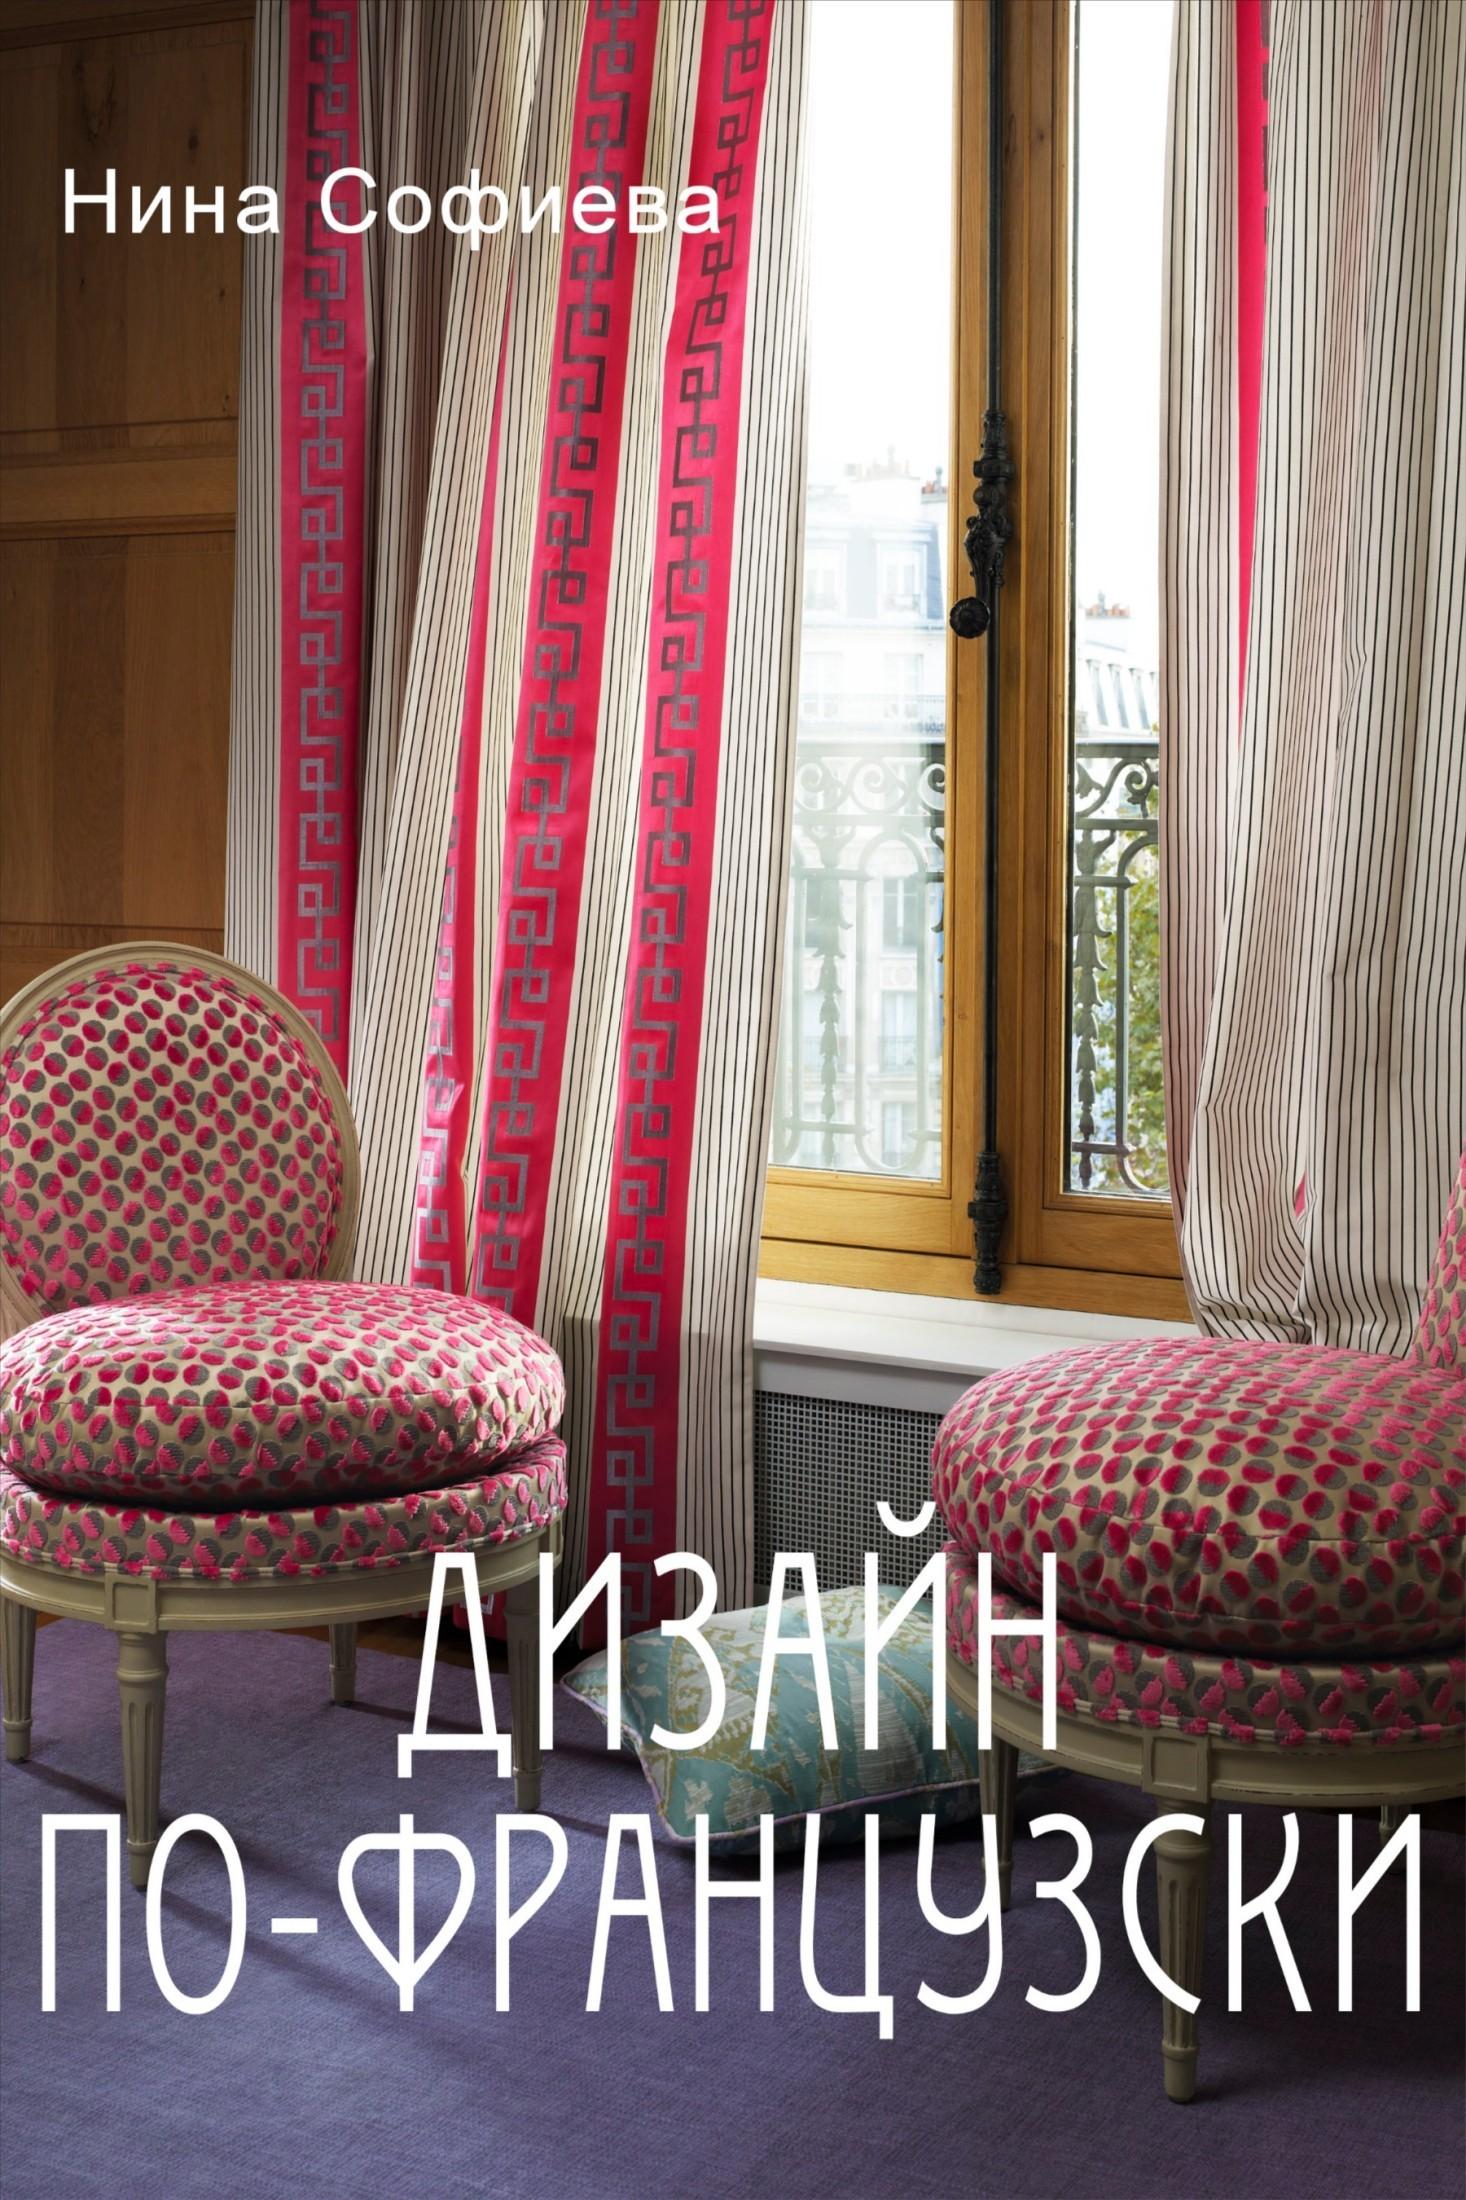 Нина Софиева - Дизайн по-французски